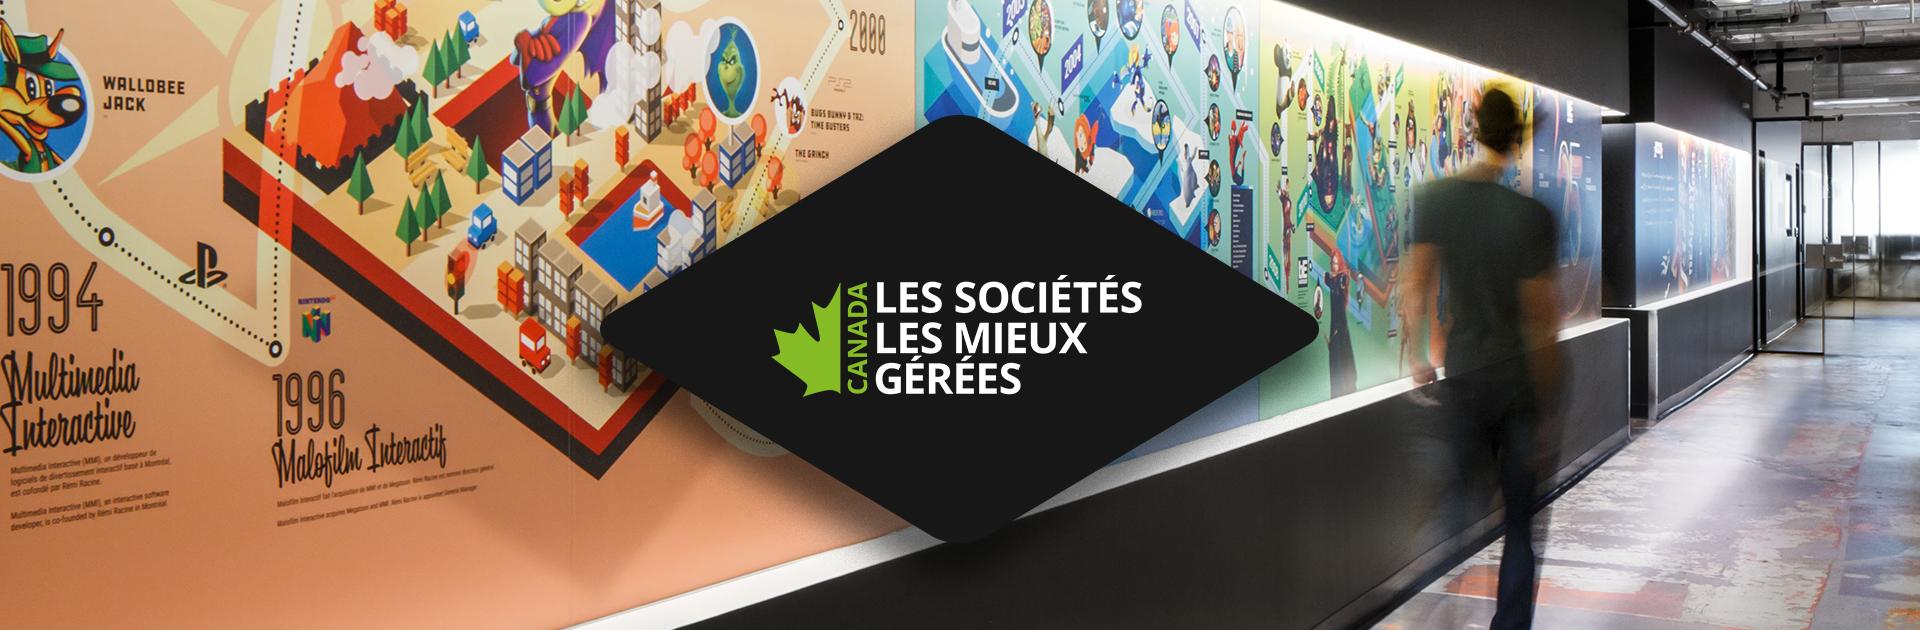 Behaviour Interactif désignée à nouveau une des Sociétés les mieux gérées au Canada par Deloitte